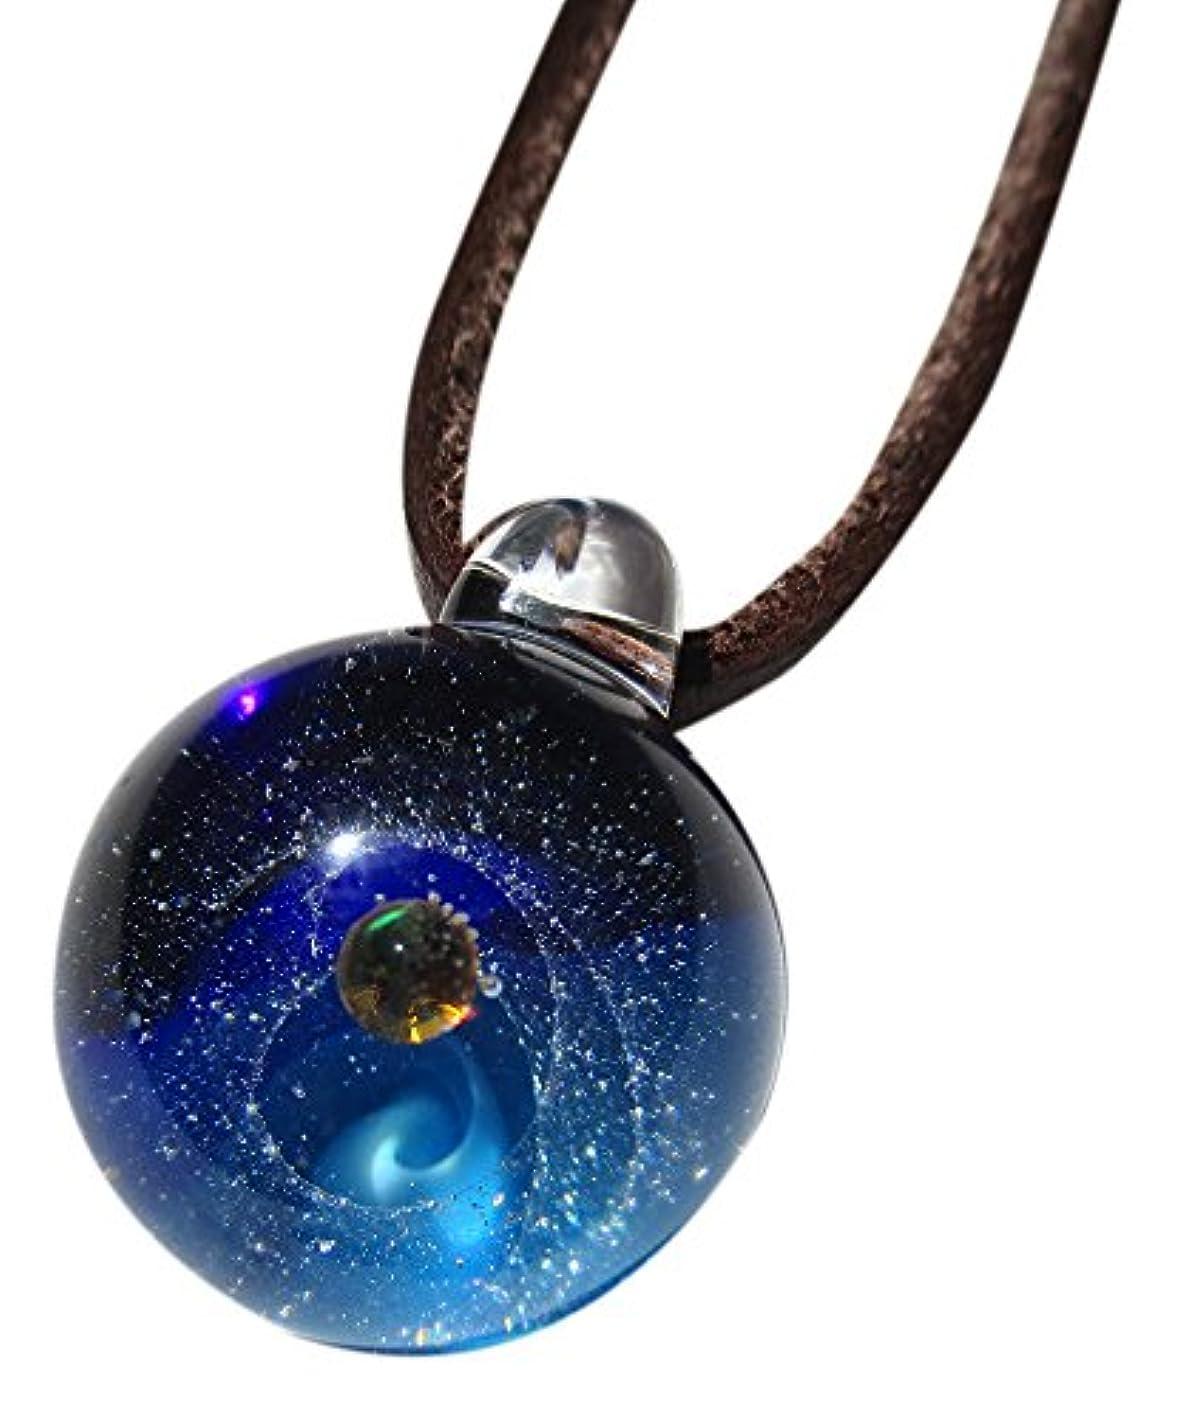 ブランド徒歩で変形する銀河ガラス ブルー シルバーラウンド DW1188